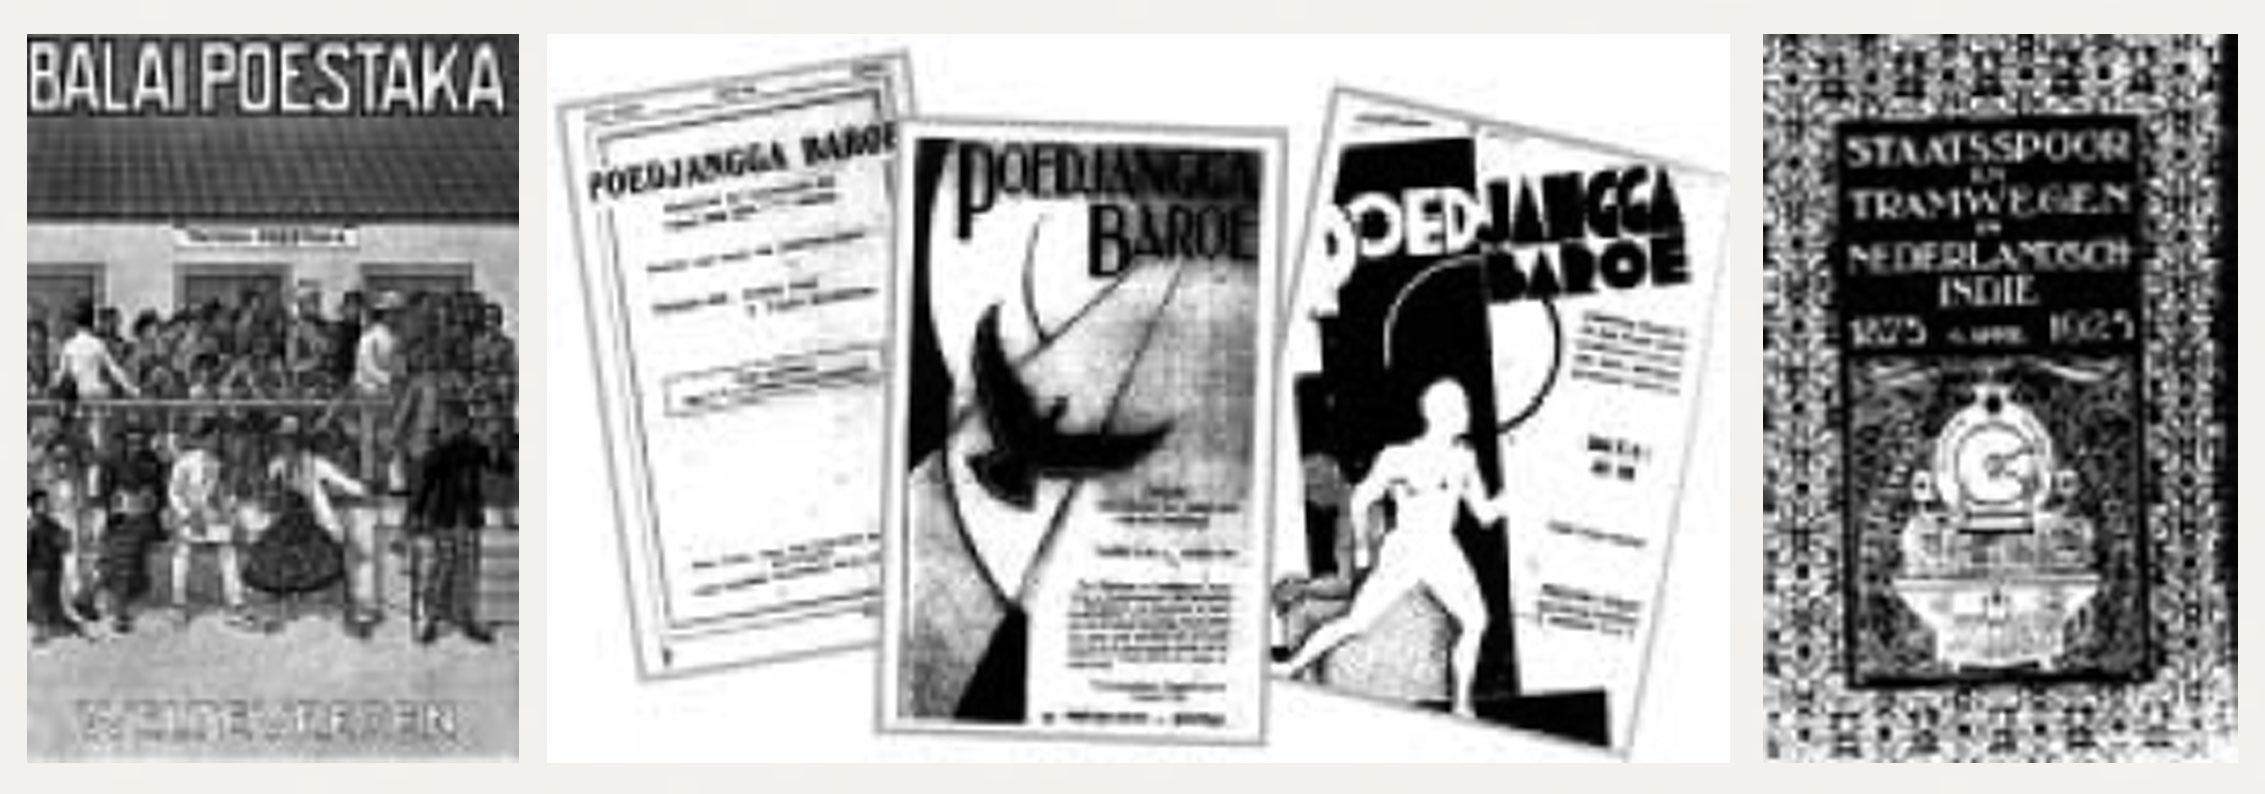 Gambar 7. (a) Poster kampanye penggalakan minat baca dari Balai Poestaka di awal abad ke-20 dengan gaya ilustrasi dan huruf modern; (b) Beberapa terbitan buku Pujangga Baroe dengan gaya ilustrasi dan tata letak yang lebih modern; (c) Buku Staats Spoor tramwegen en Nederlandsch Indie dengan gaya Art Deco.